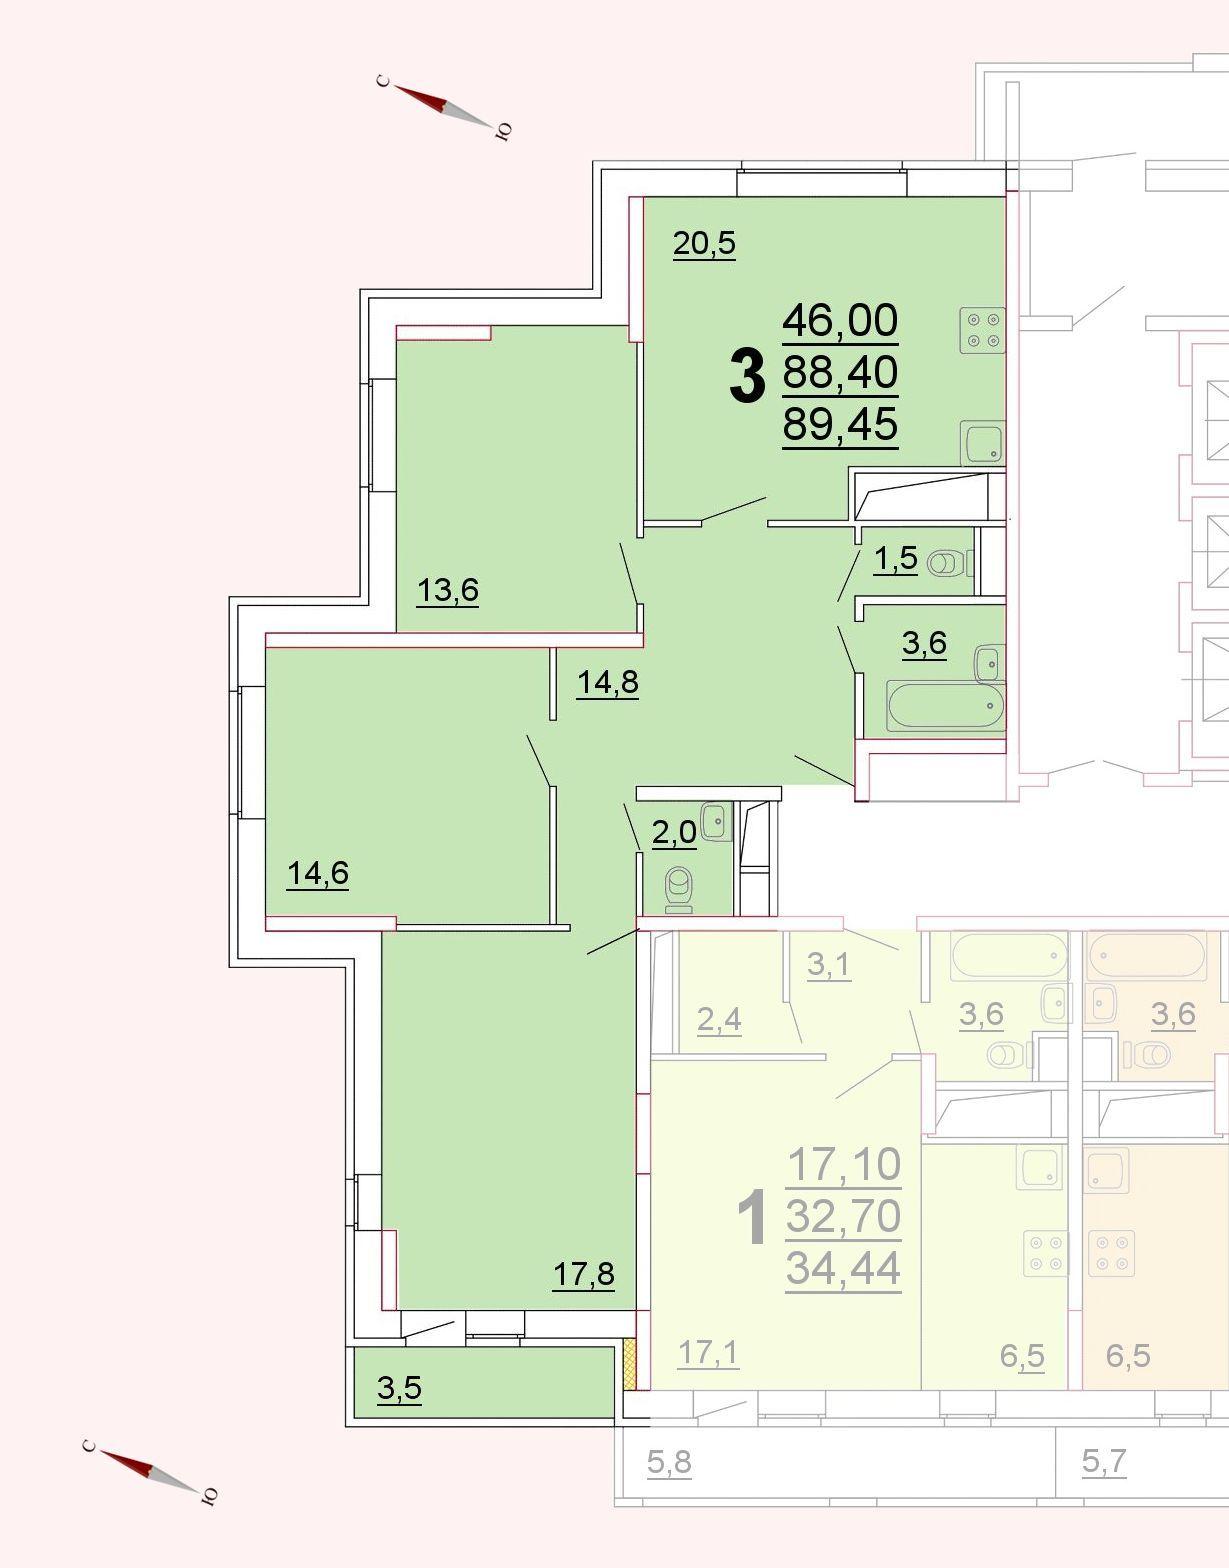 Микрорайон «Центральный», корпус 52г, секция 1, квартира 89,45 м2